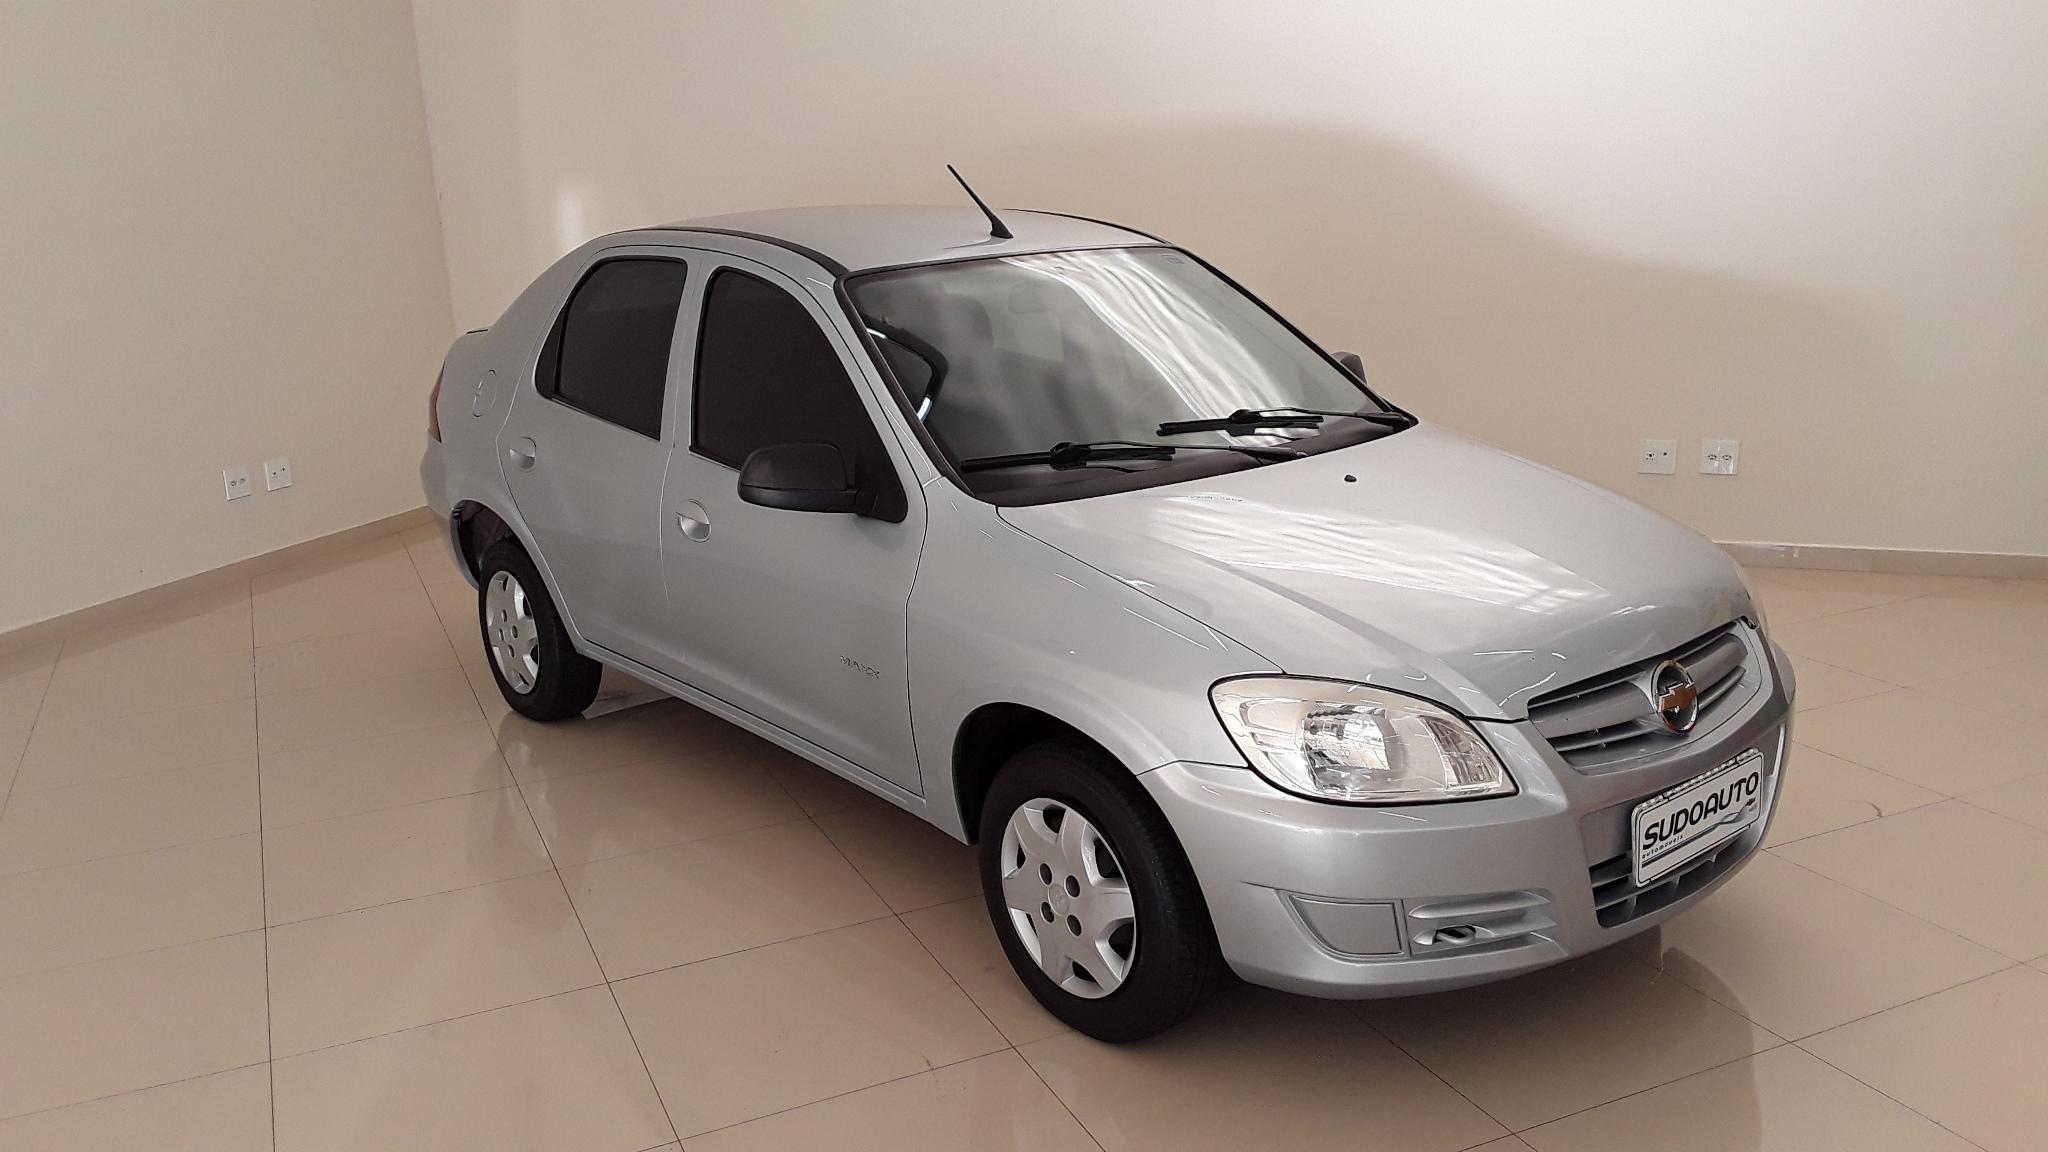 GM PRISMA MAXX 1.4 2007